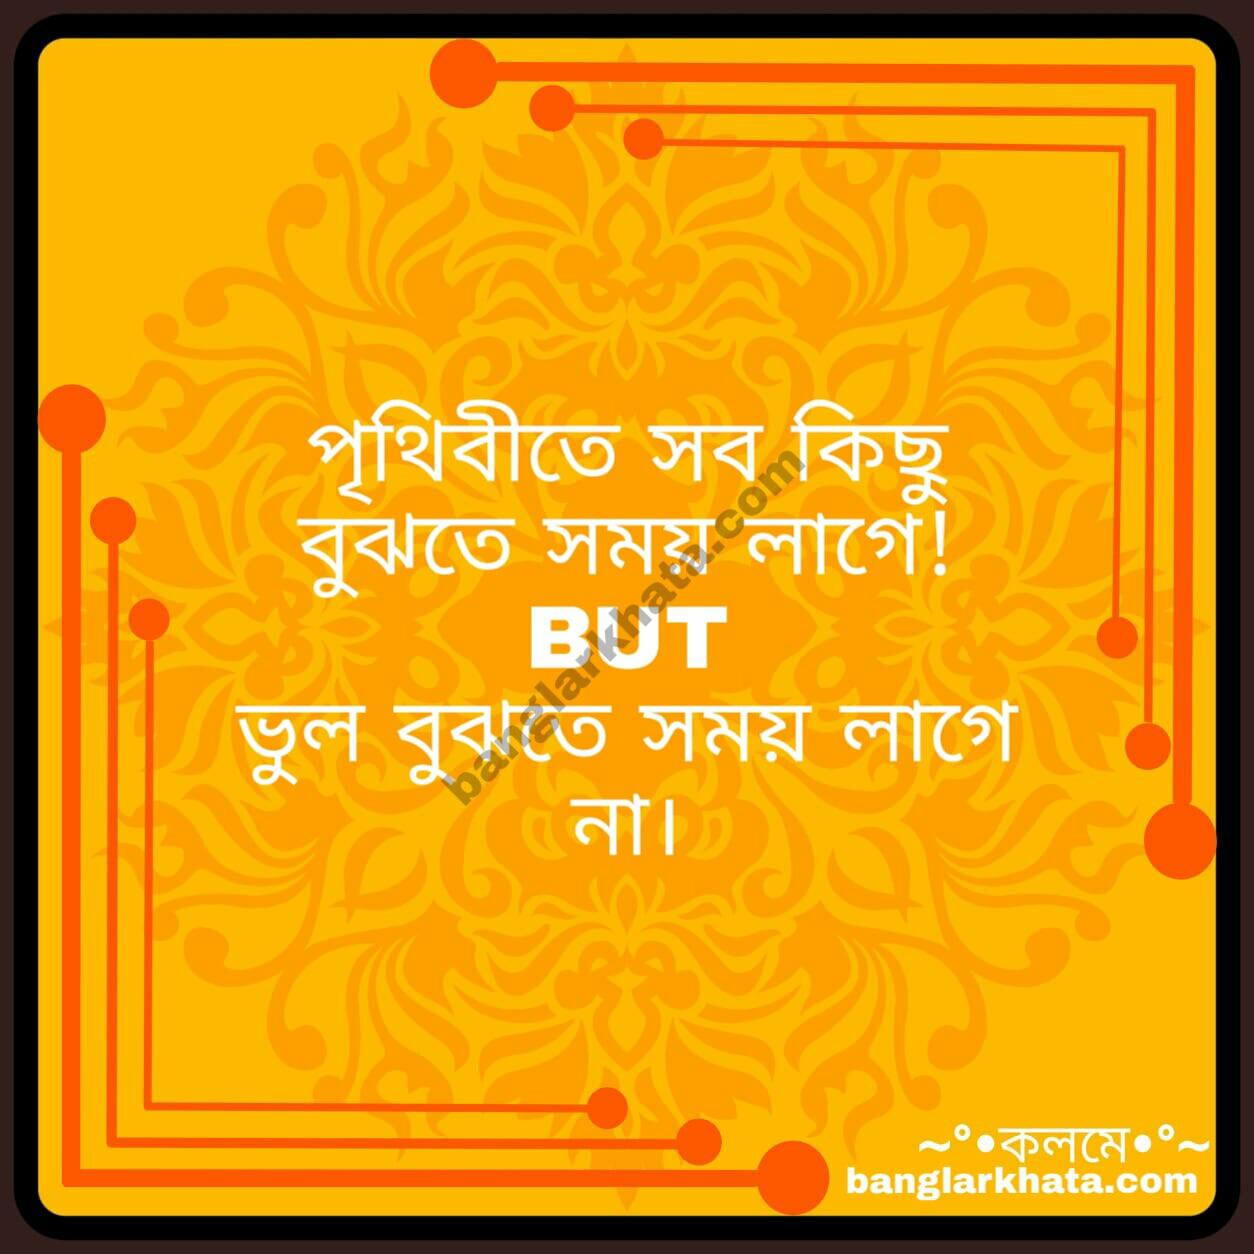 Bangla love shayari photos